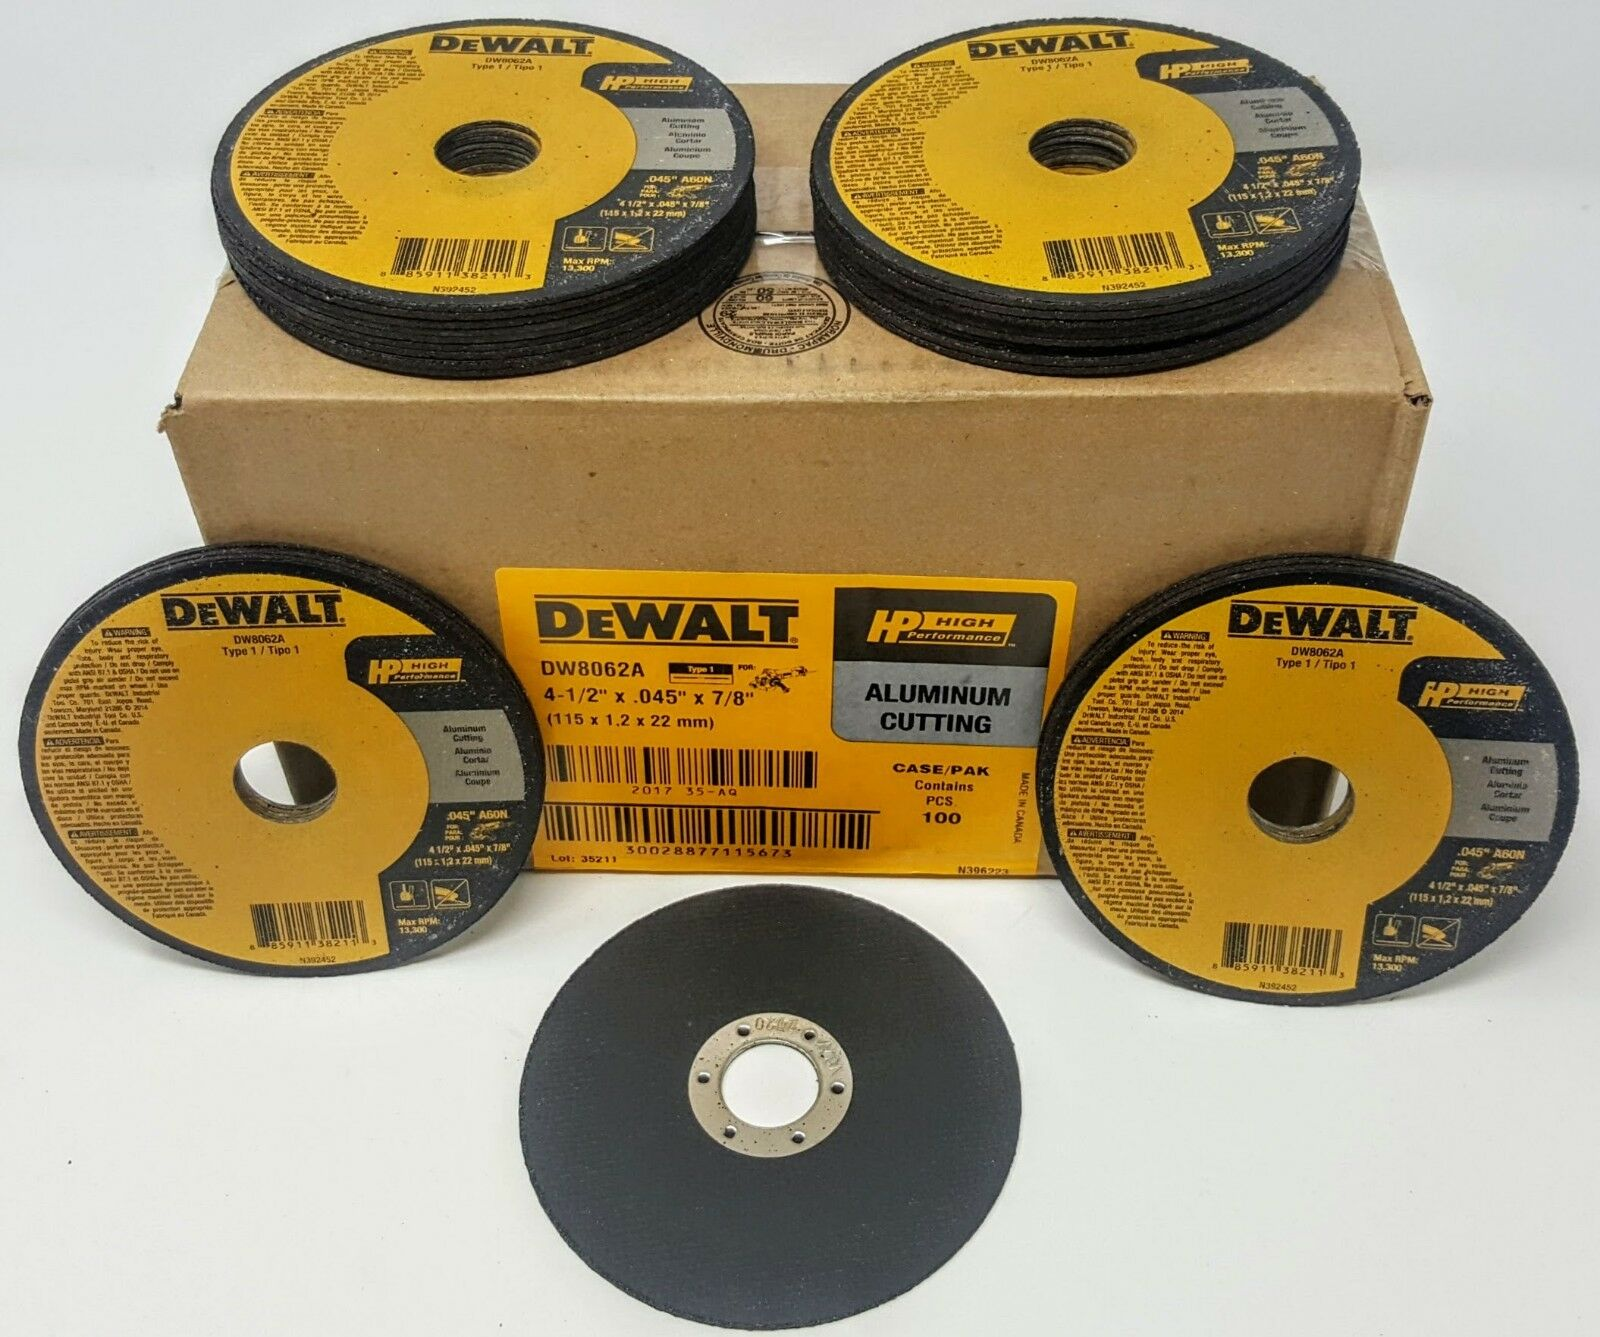 (Box of 100) Dewalt DW8062A 4-1/2